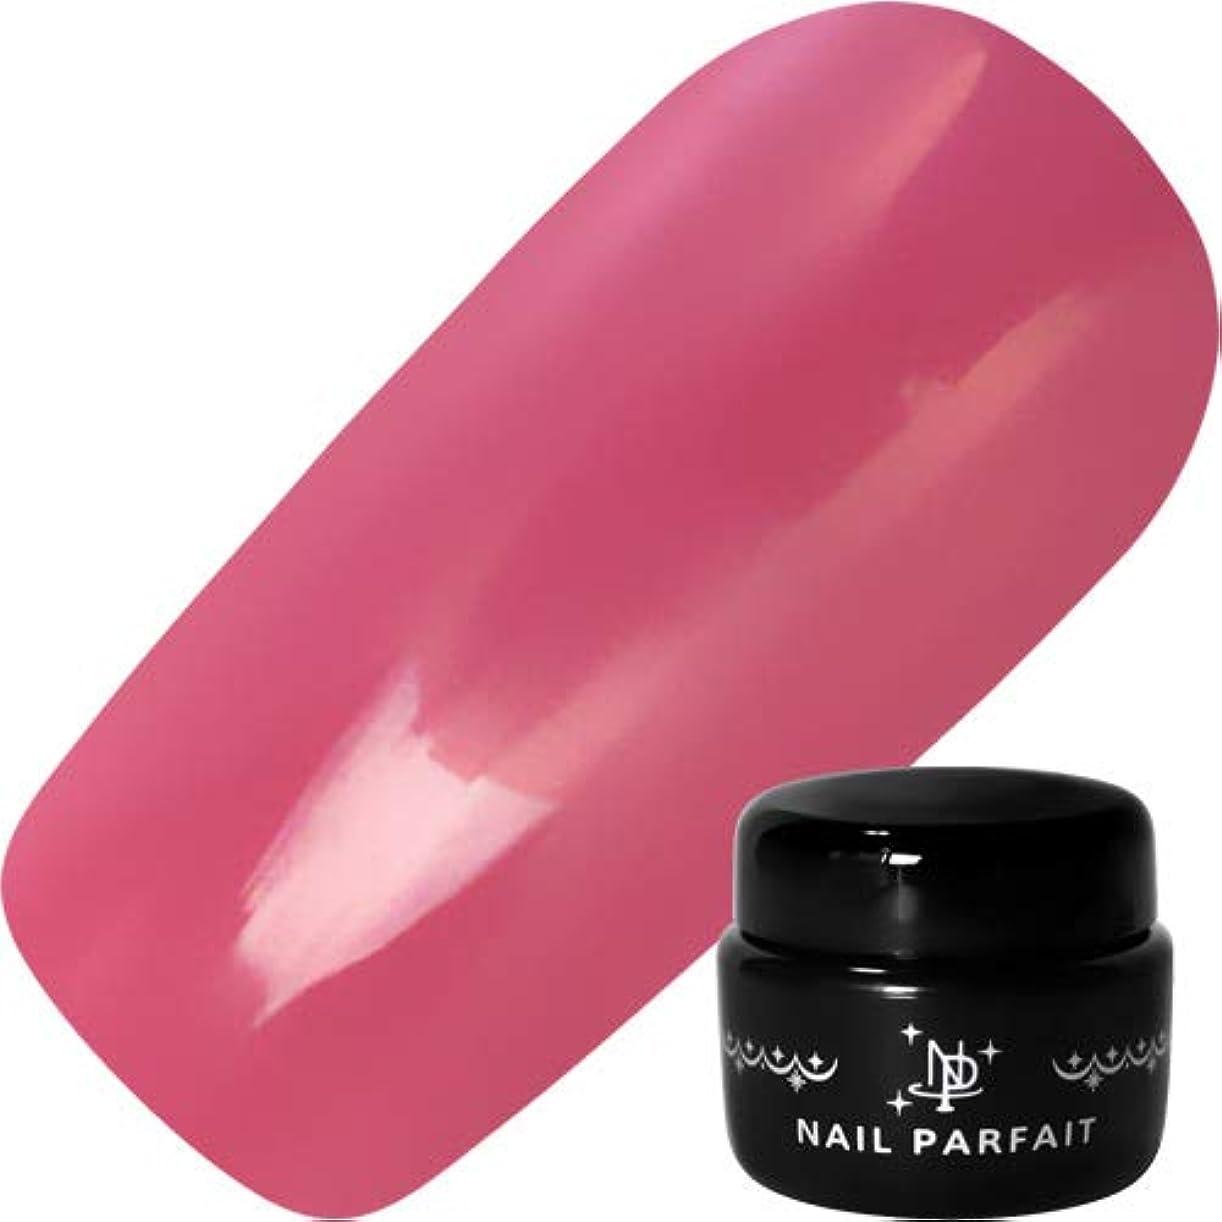 衣装やりすぎ滅びるNAIL PARFAIT ネイルパフェ カラージェル A56ローズピンク 2g 【ジェル/カラージェル・ネイル用品】